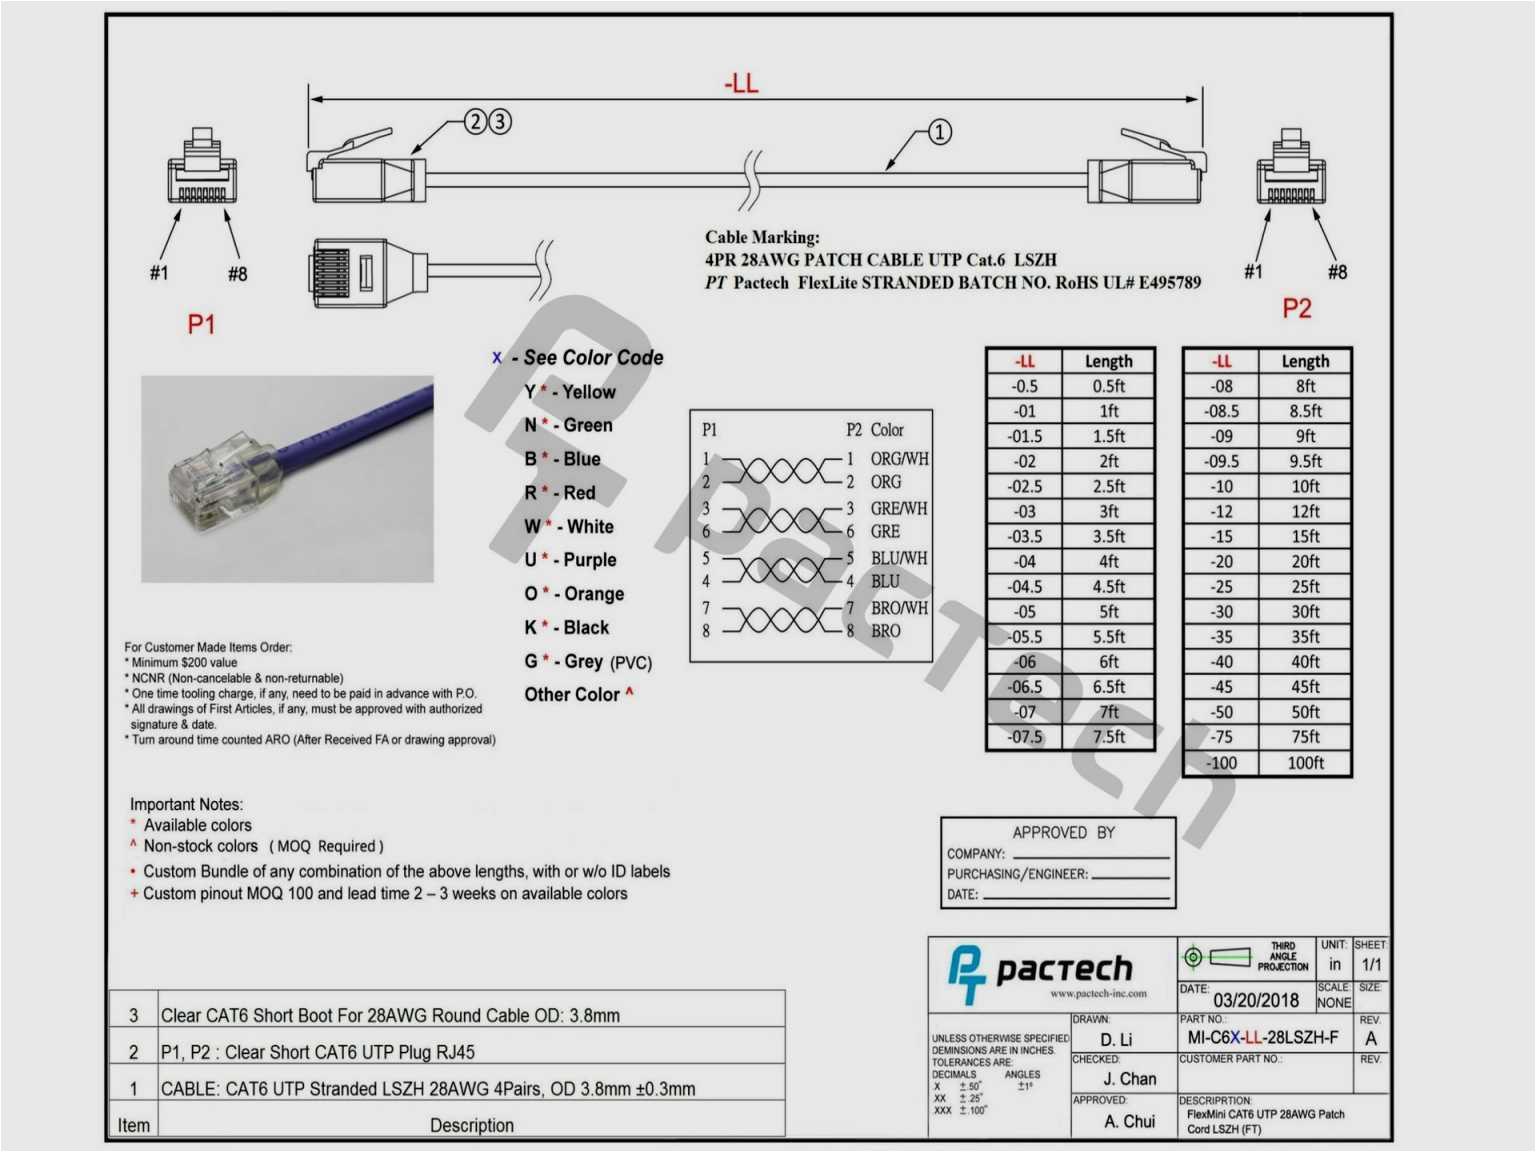 rj45 to rj11 wiring diagram wiring diagramsrj45 to rj11 wiring diagram diy poe diagram wire data